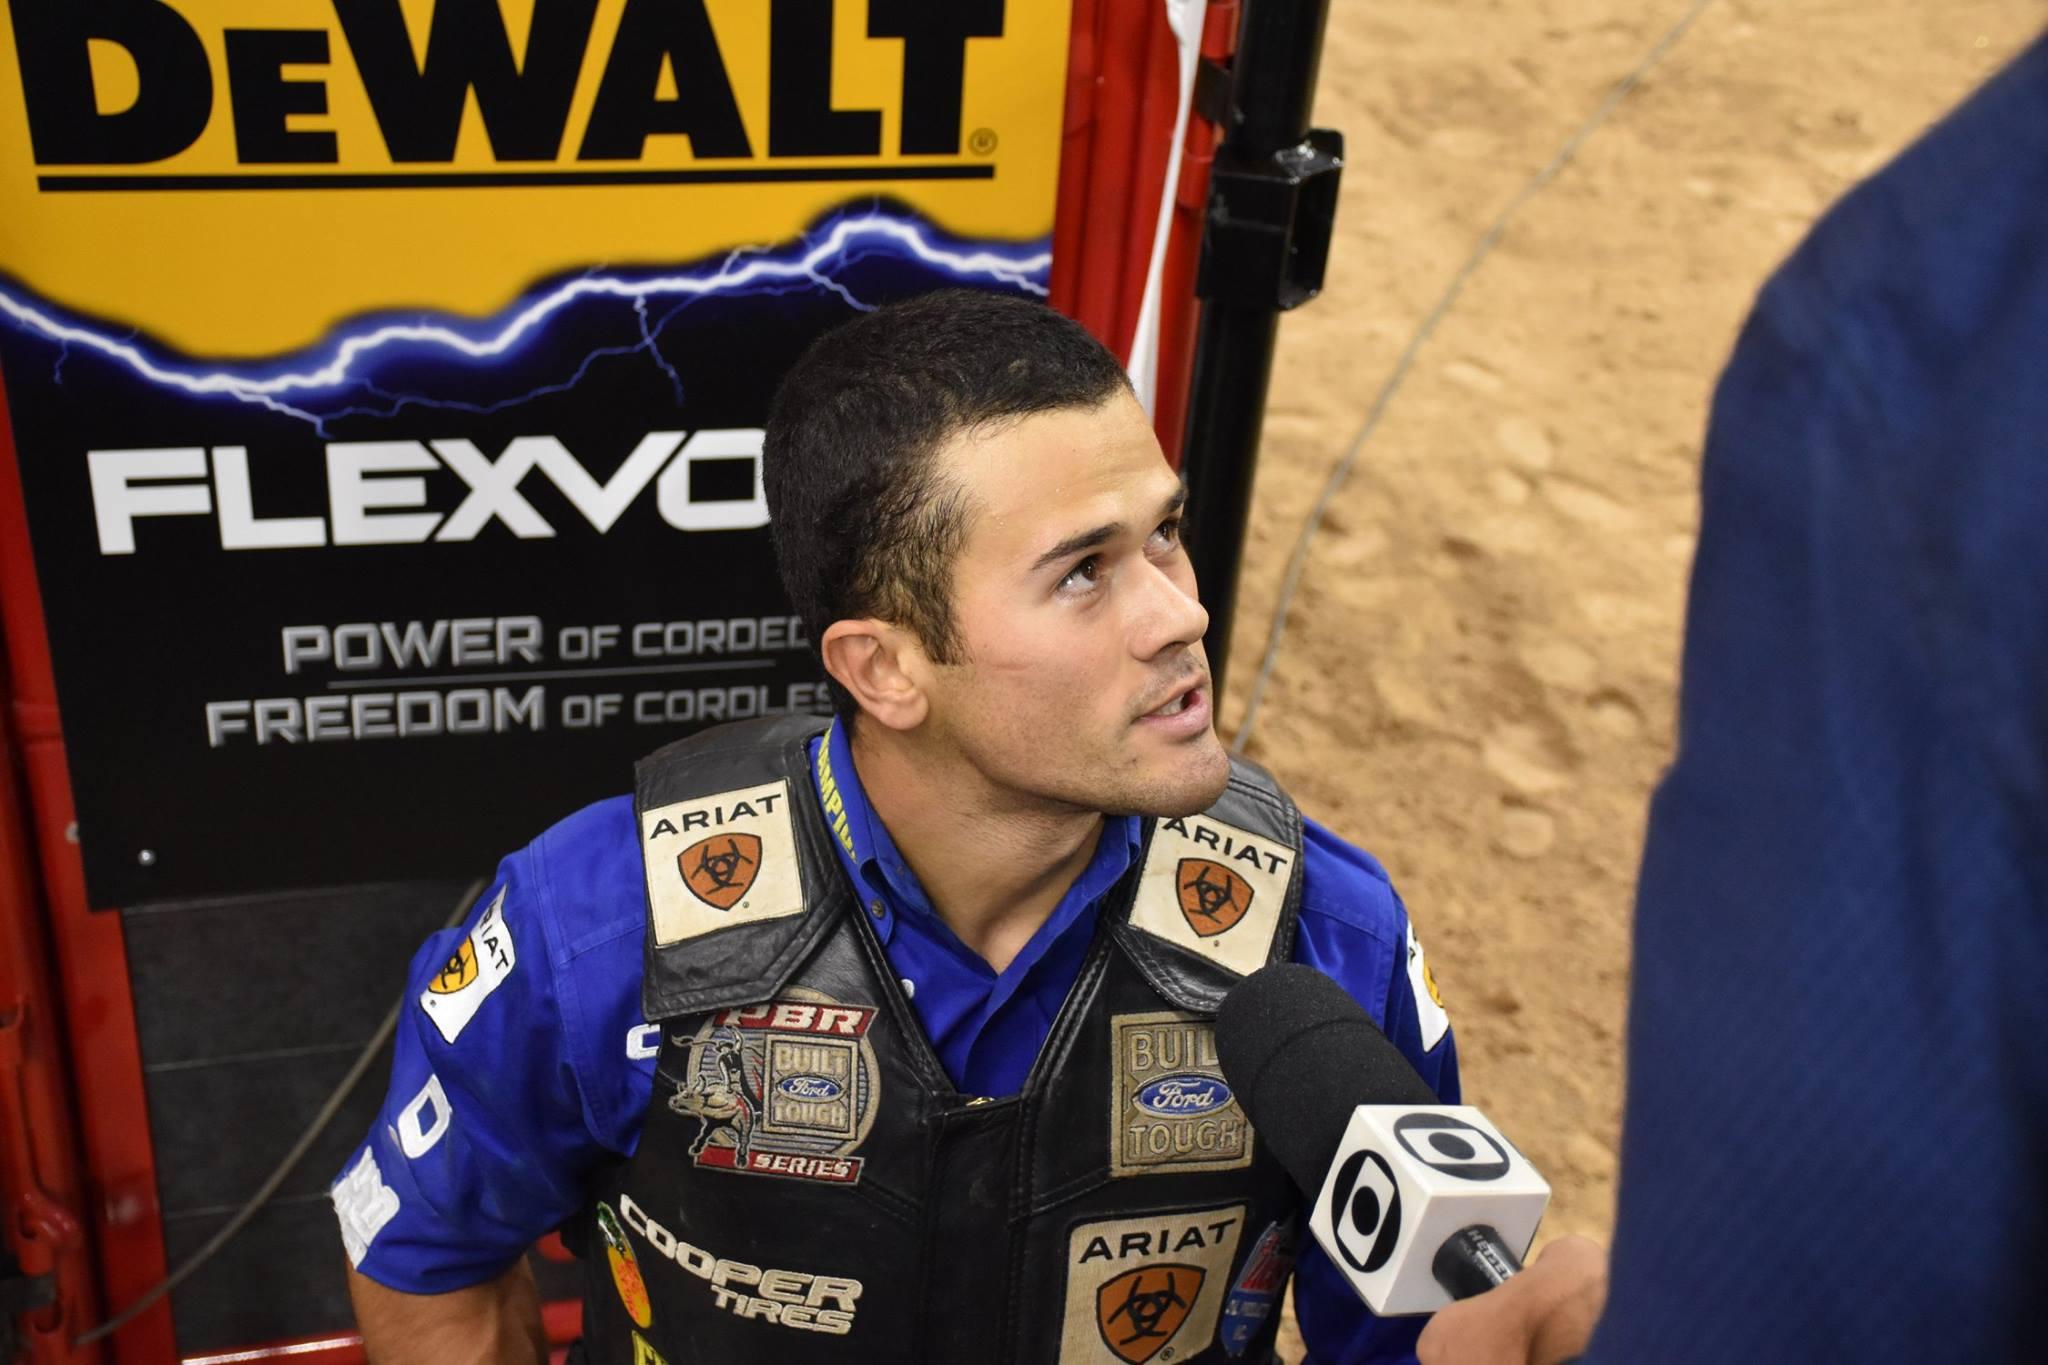 Kaique Pacheco sendo entrevistado na arena da final mundial em Las Vegas